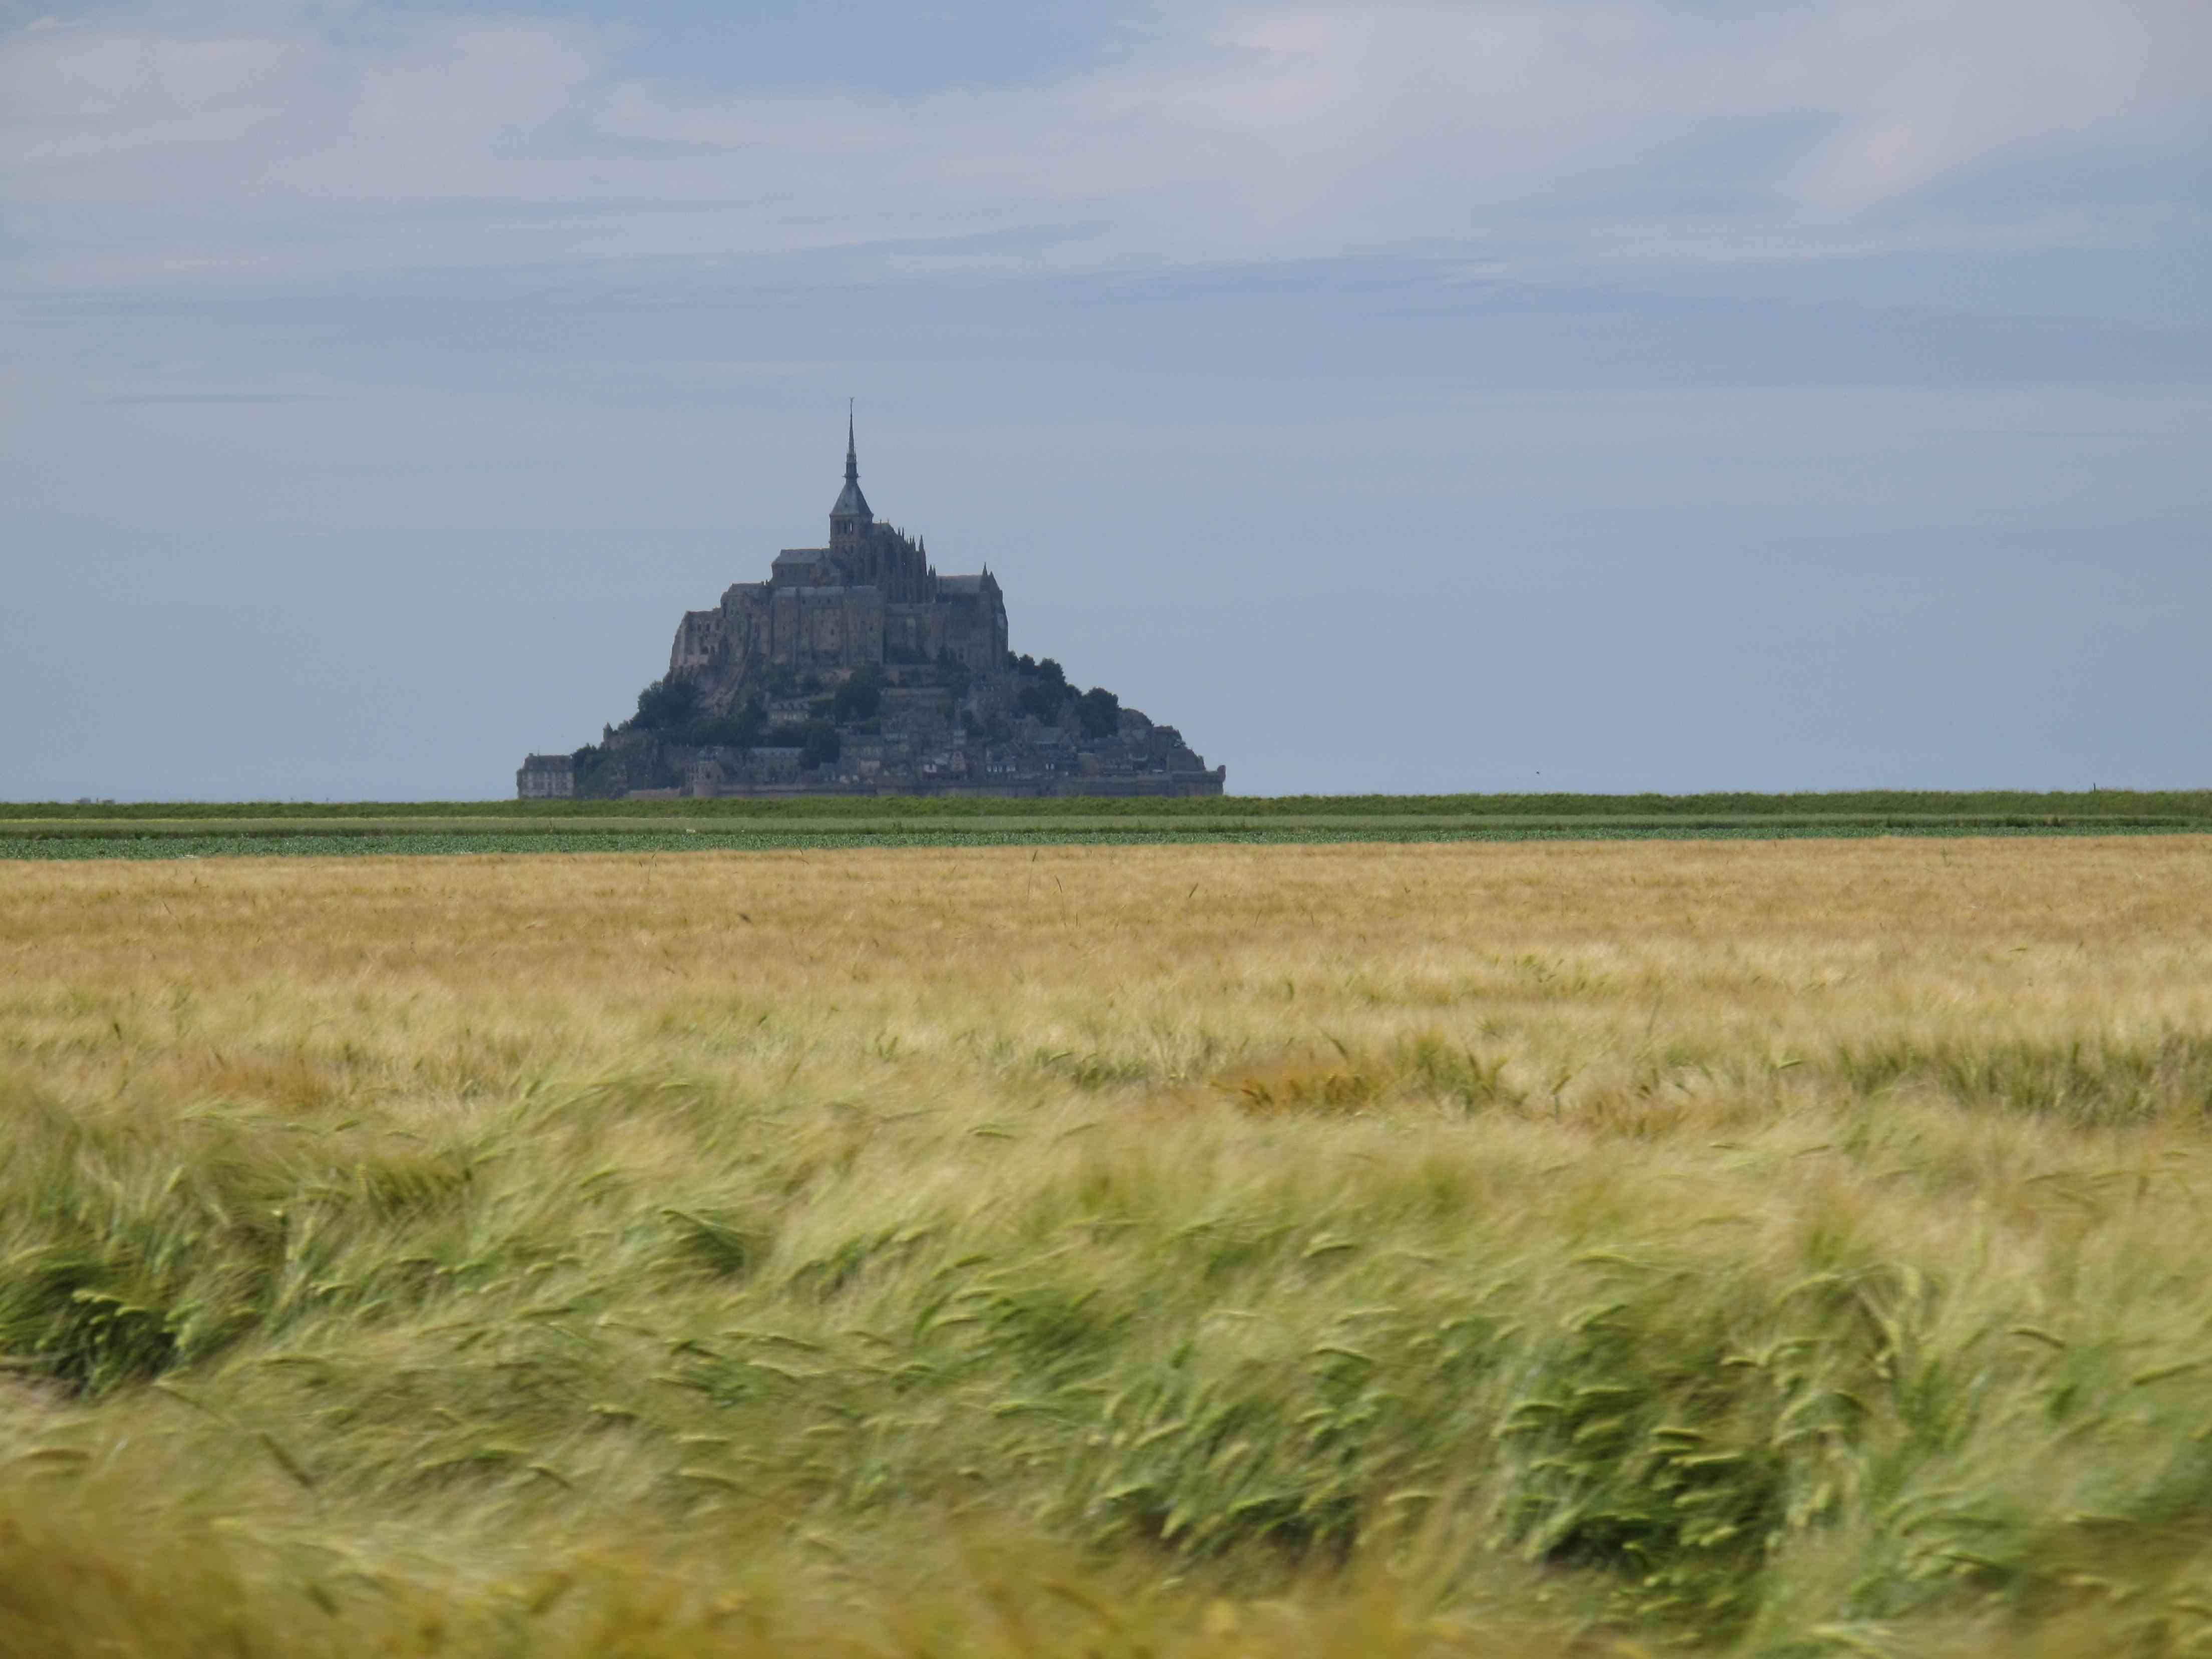 le-mont-st-michel, photo du blogue pelerins-et-nomades